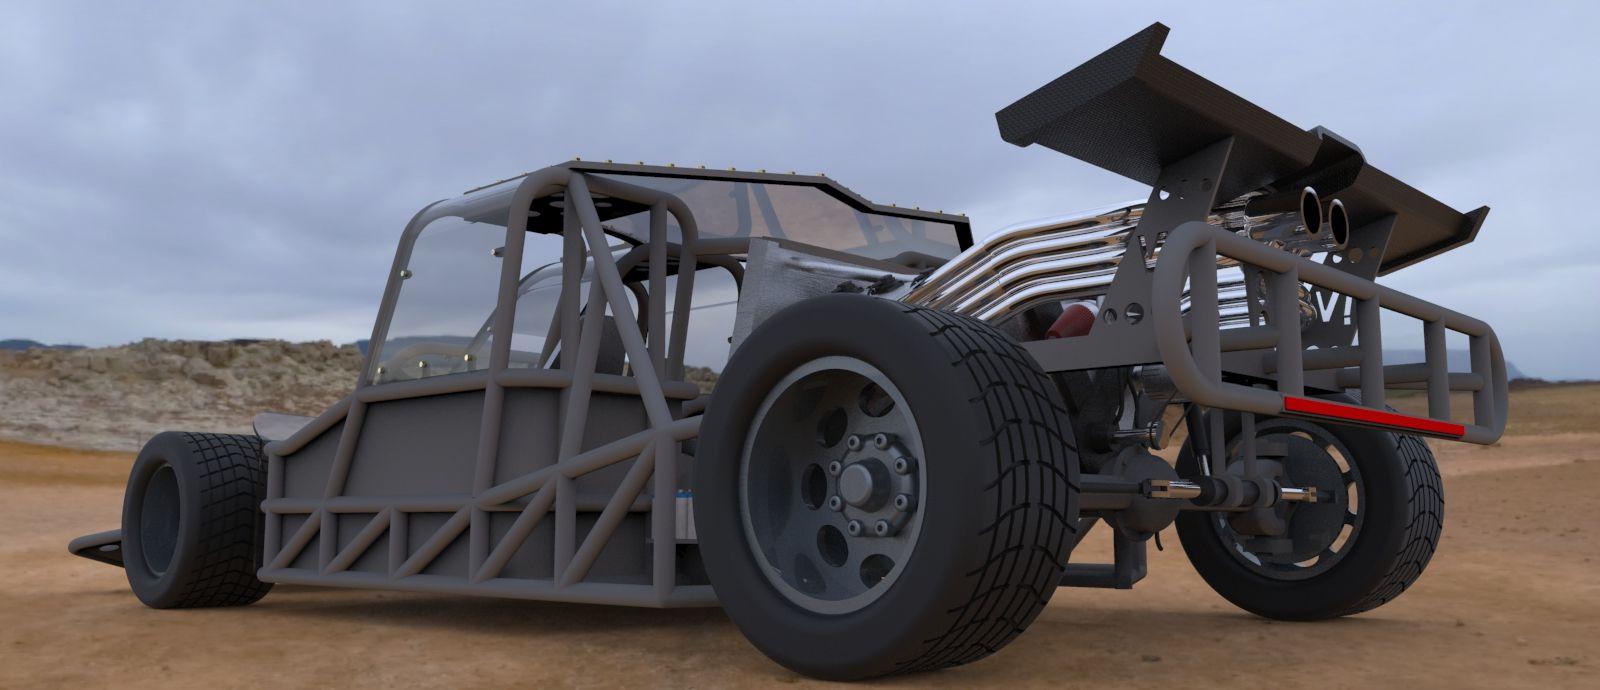 Ramp-car-vr-42-3500-3500